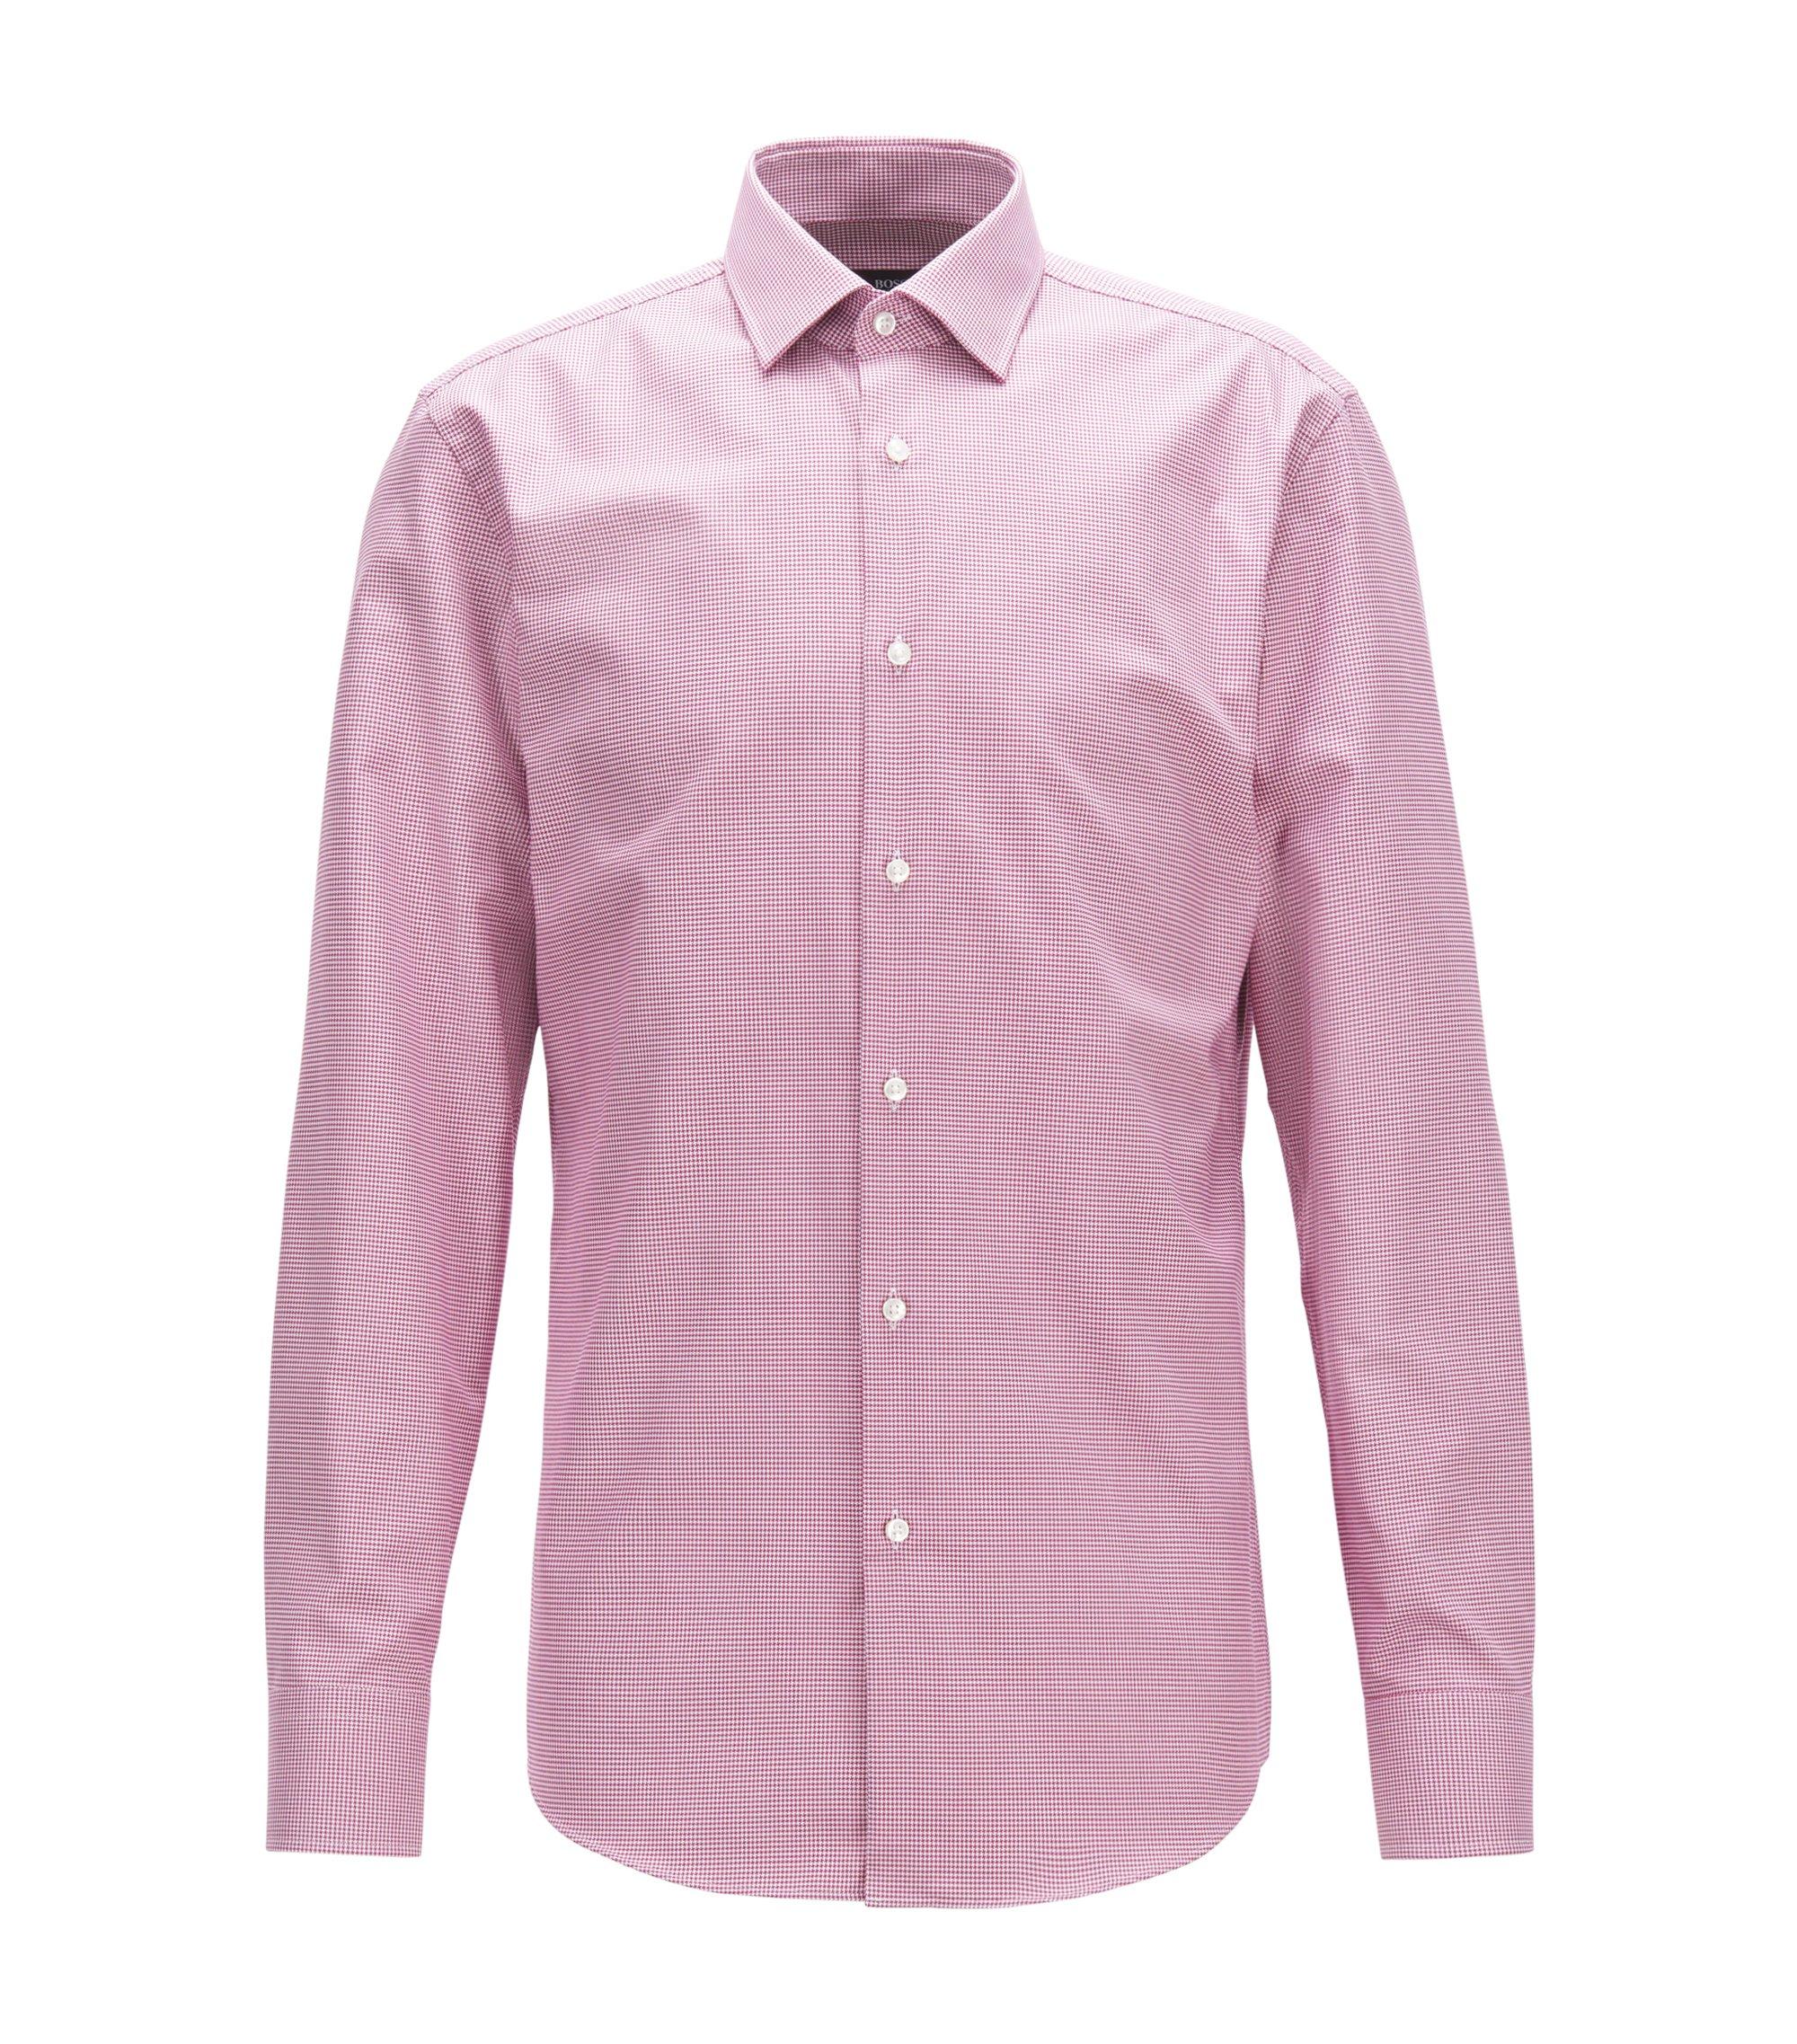 Puppytooth Cotton Dress Shirt, Slim Fit | Jenno, Dark pink